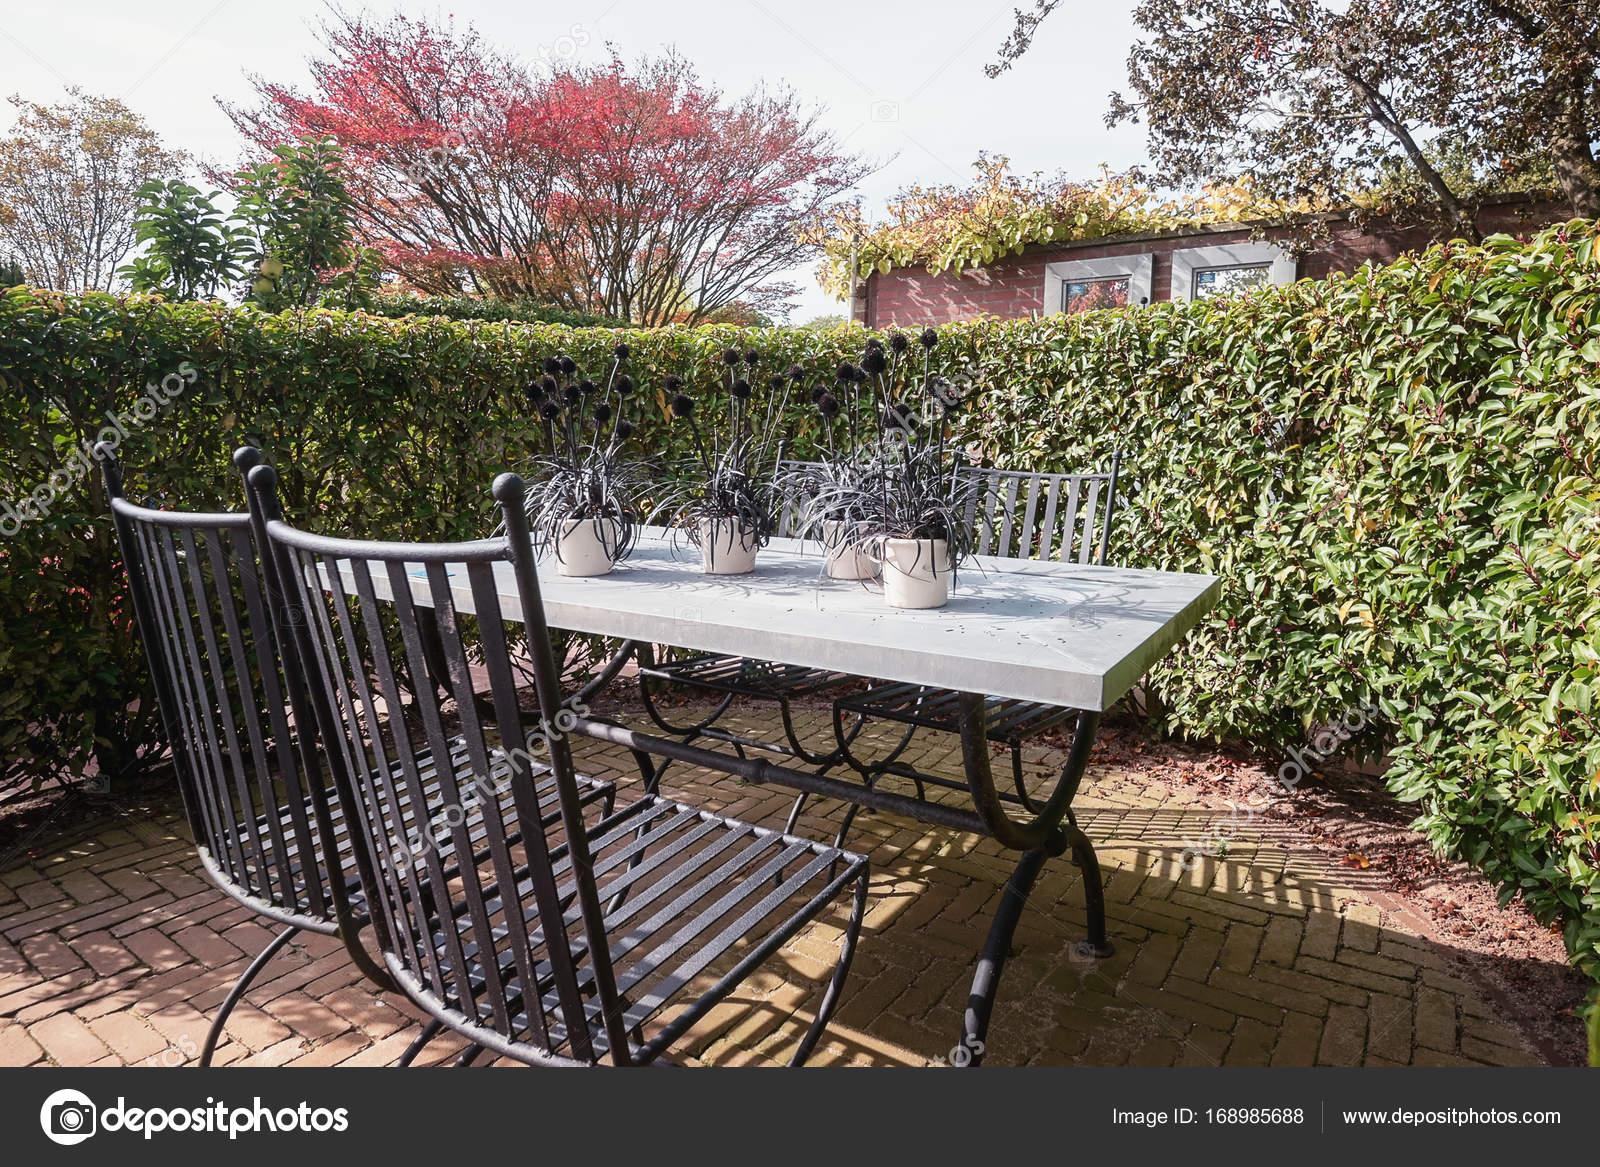 Tavoli Da Giardino Decorati.Set Tavolo Da Giardino E Decorato Con Blocchi Di Legno In Cui A